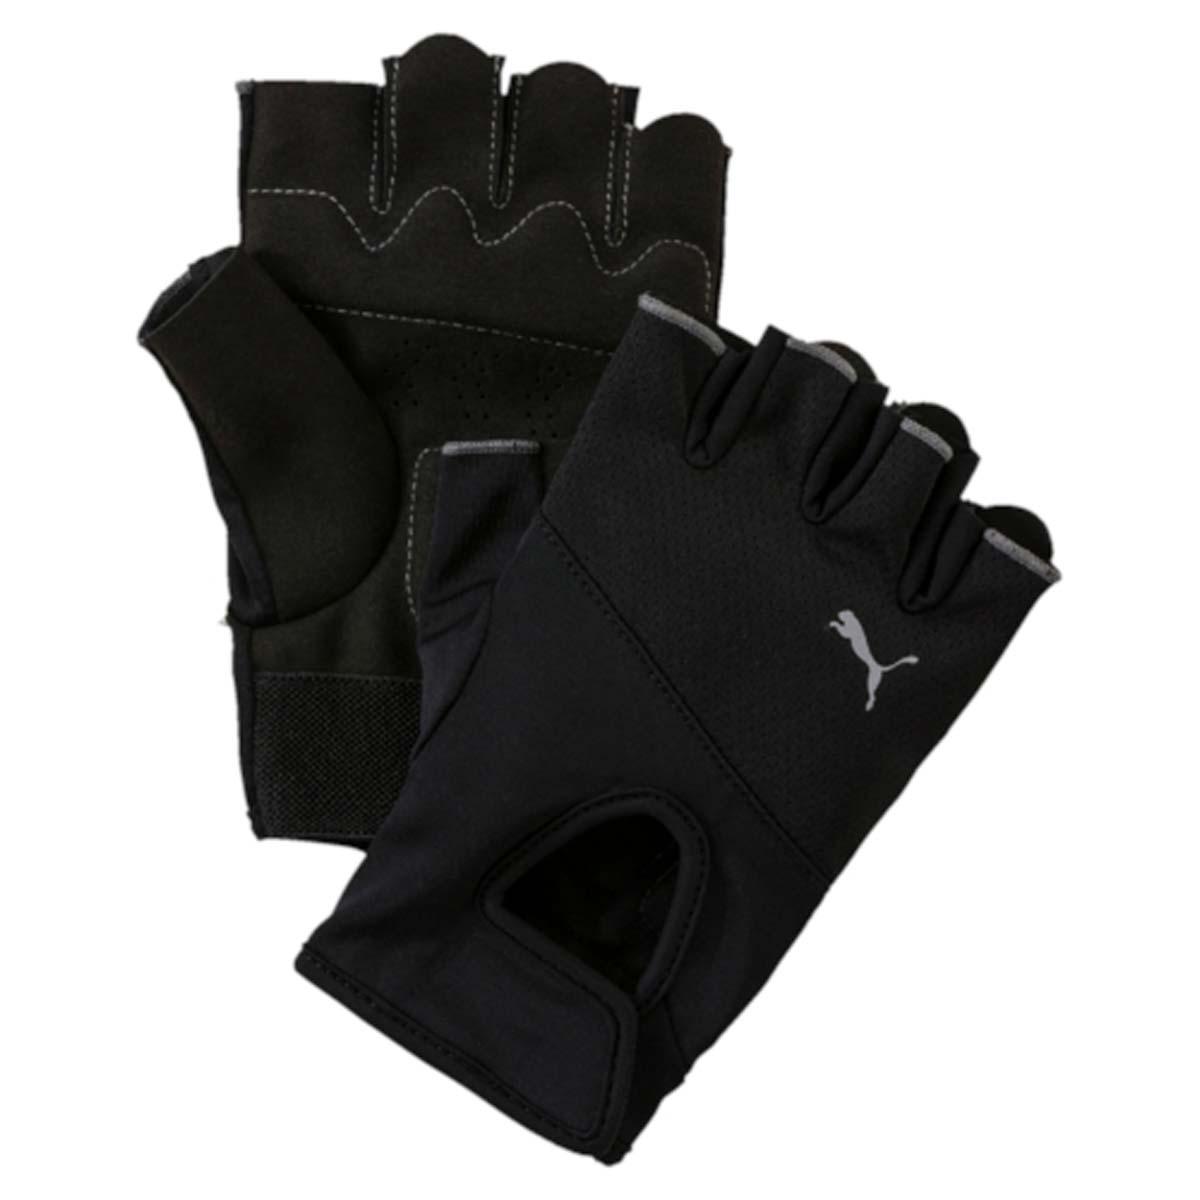 Перчатки для фитнеса Puma Tr Gloves, цвет: черный. 04129501. Размер M (9)04129501Перчатки Puma Tr Gloves предназначены для защиты рук во время занятия спортом. Мягкий верх на основе современного высокотехнологичного полиэстера и нейлона оснащен уплотненными подушечками на ладони для максимального комфорта. У модели рукоятки из тесьмы со вставками для ладоней, нескользящие вставки для комфорта, долговечности и удобства захвата.Регулируемая застежка-липучка для оптимальной поддержки.